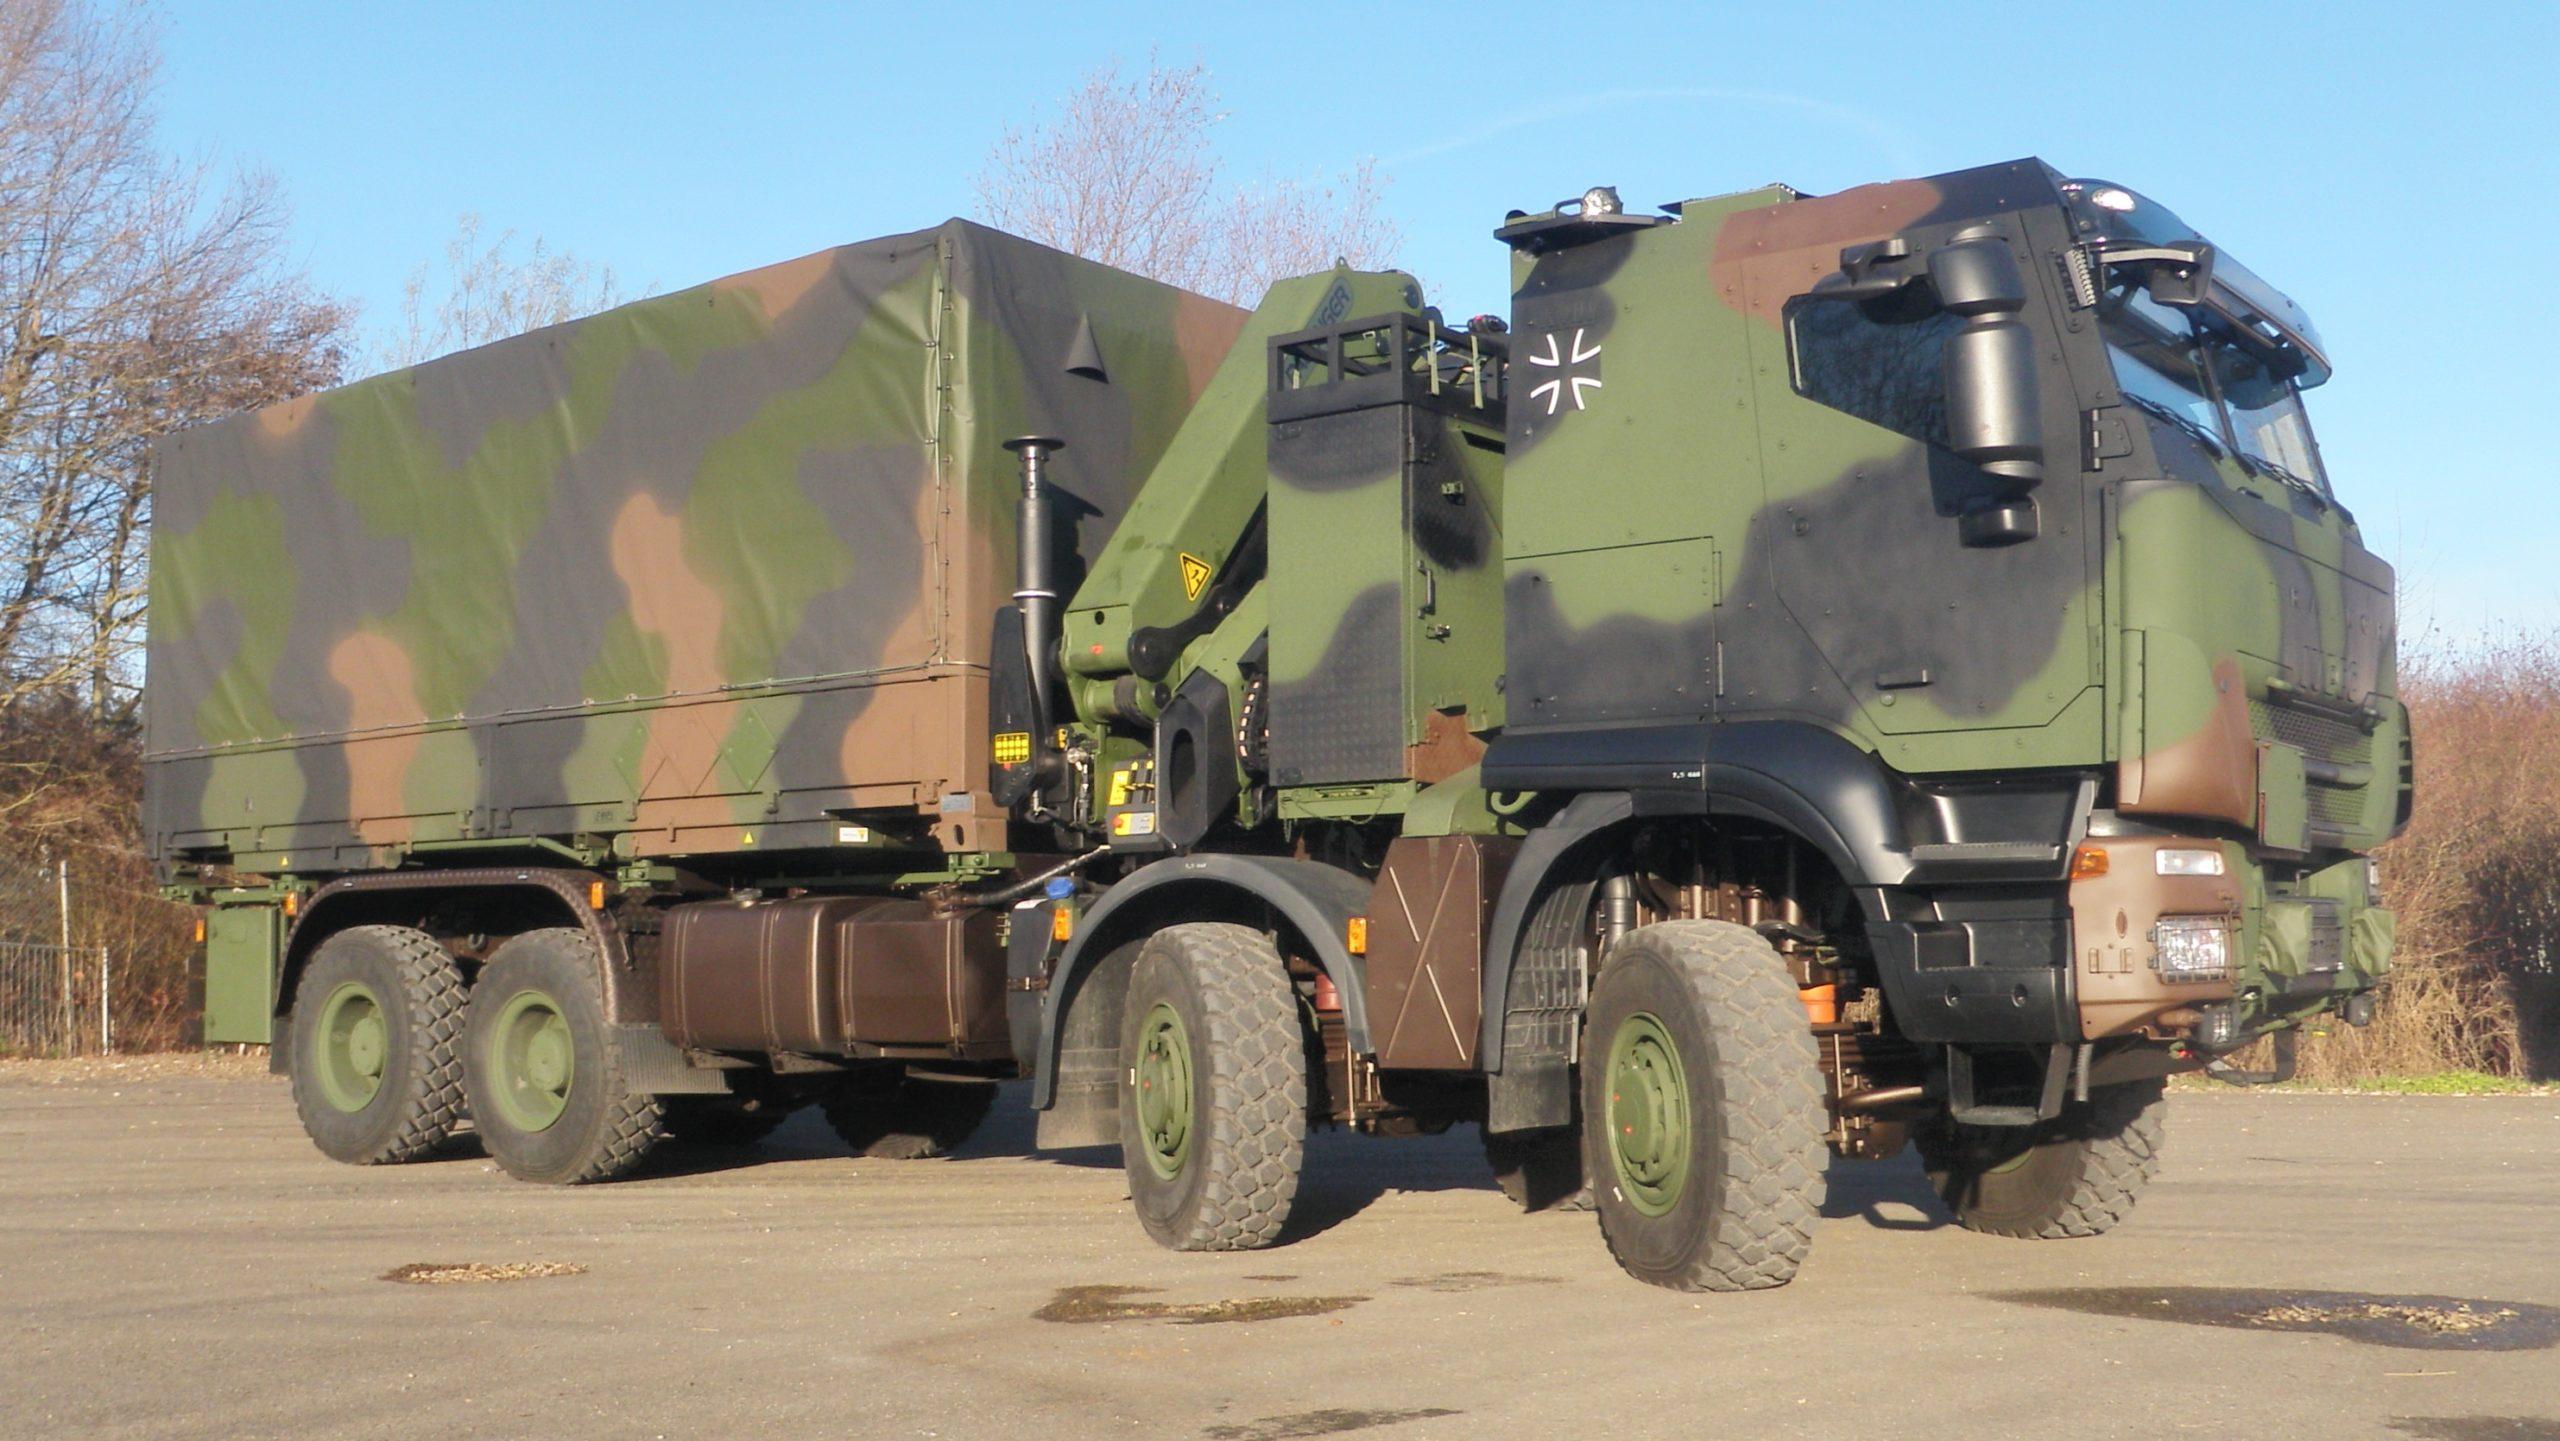 Bis zu 1.048 geschützte Transportfahrzeuge der Zuladungsklasse 15t kann die Bundeswehr in den nächsten sieben Jahren beschaffen. Quelle: obs/Presse- und Informationszentrum AIN - Foto: Bundeswehr